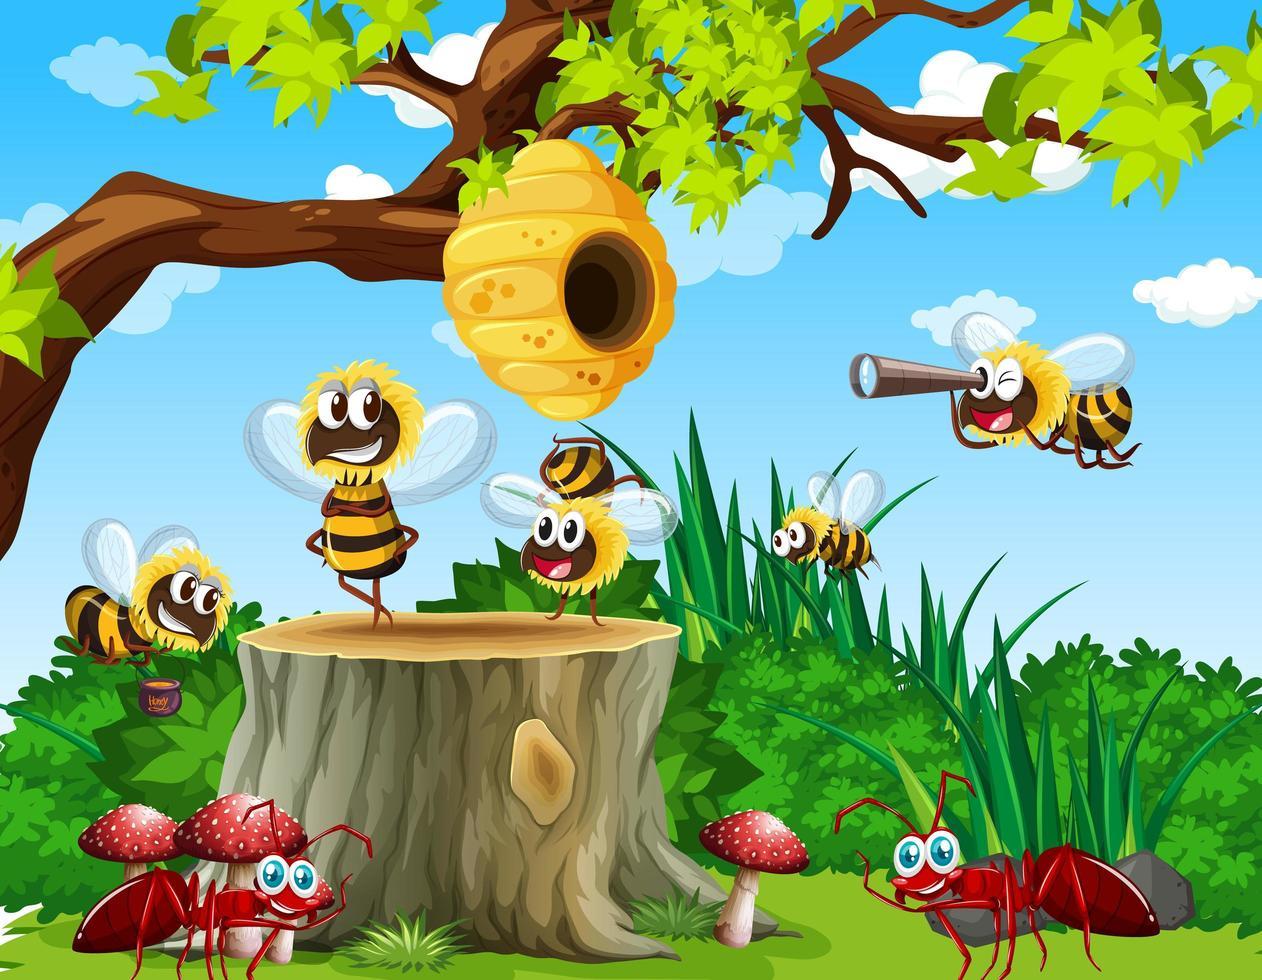 Viele Bienen und Ameisen leben in der Gartenszene mit Waben vektor